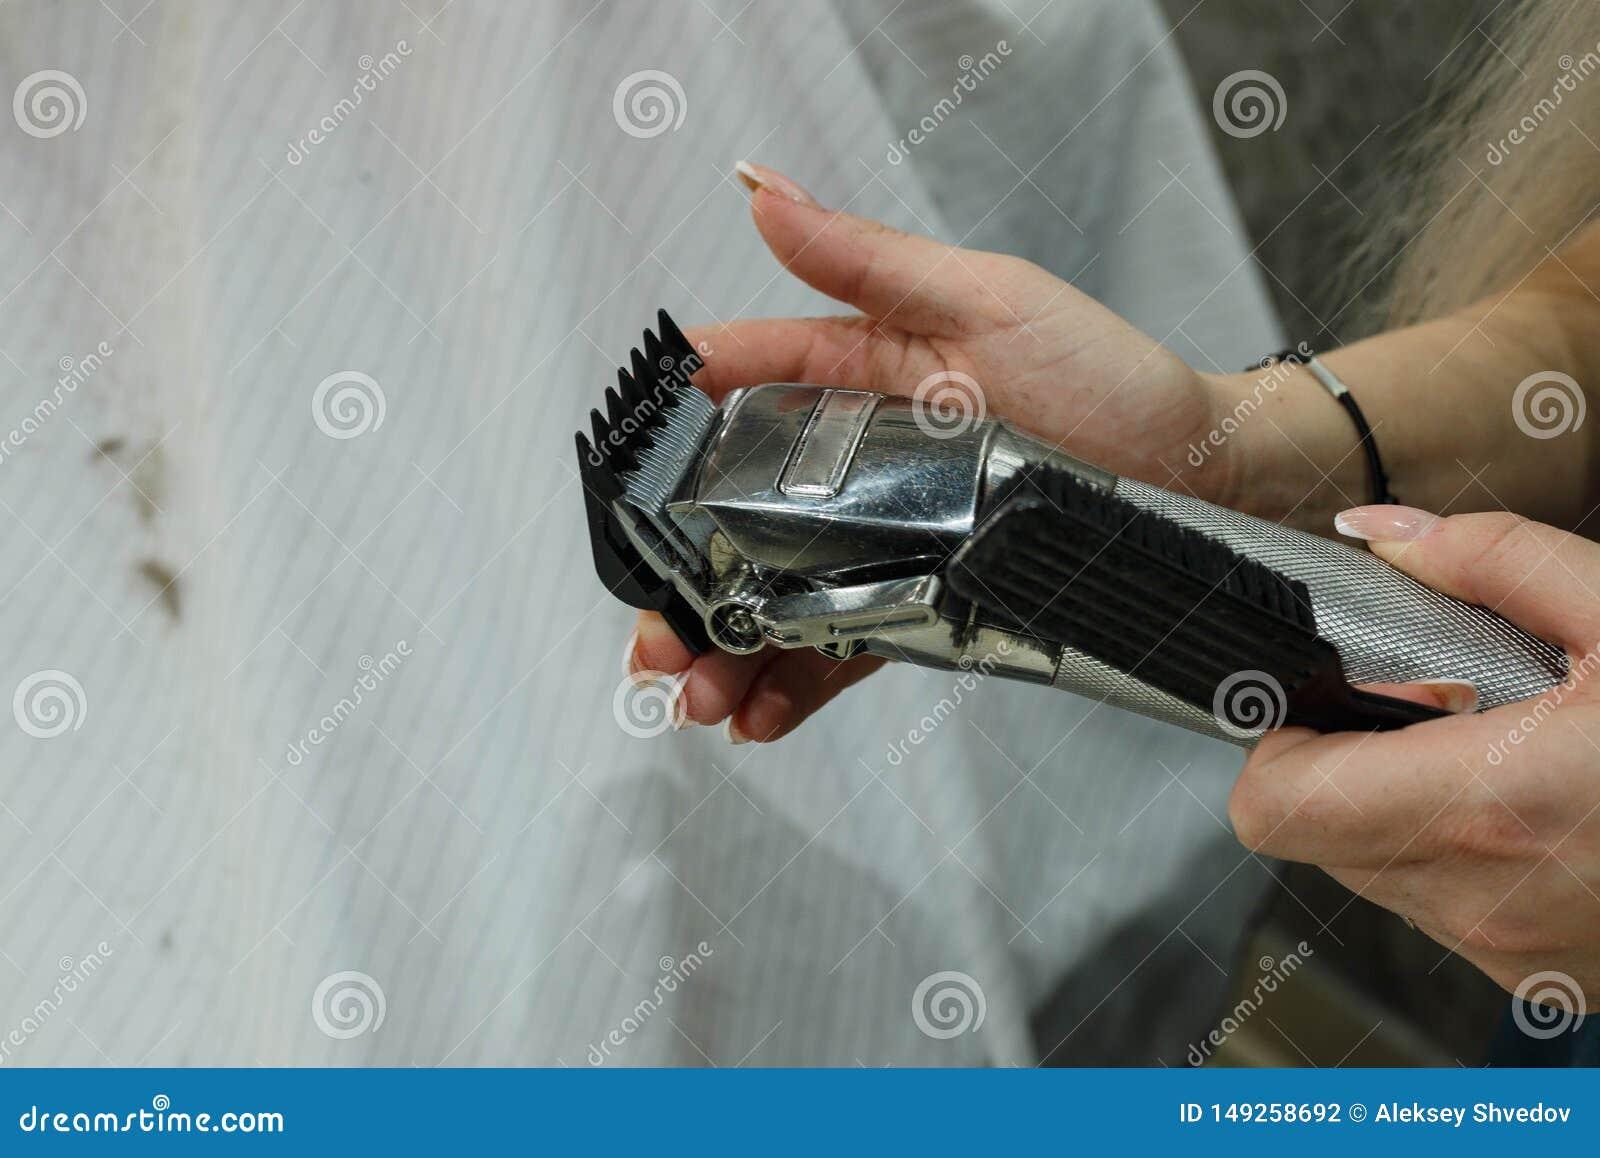 Zamienia? nozzle elektryczny w?osiany c??ki R?ki zmiana nozzles elektrycznych w?osianych c??k?w